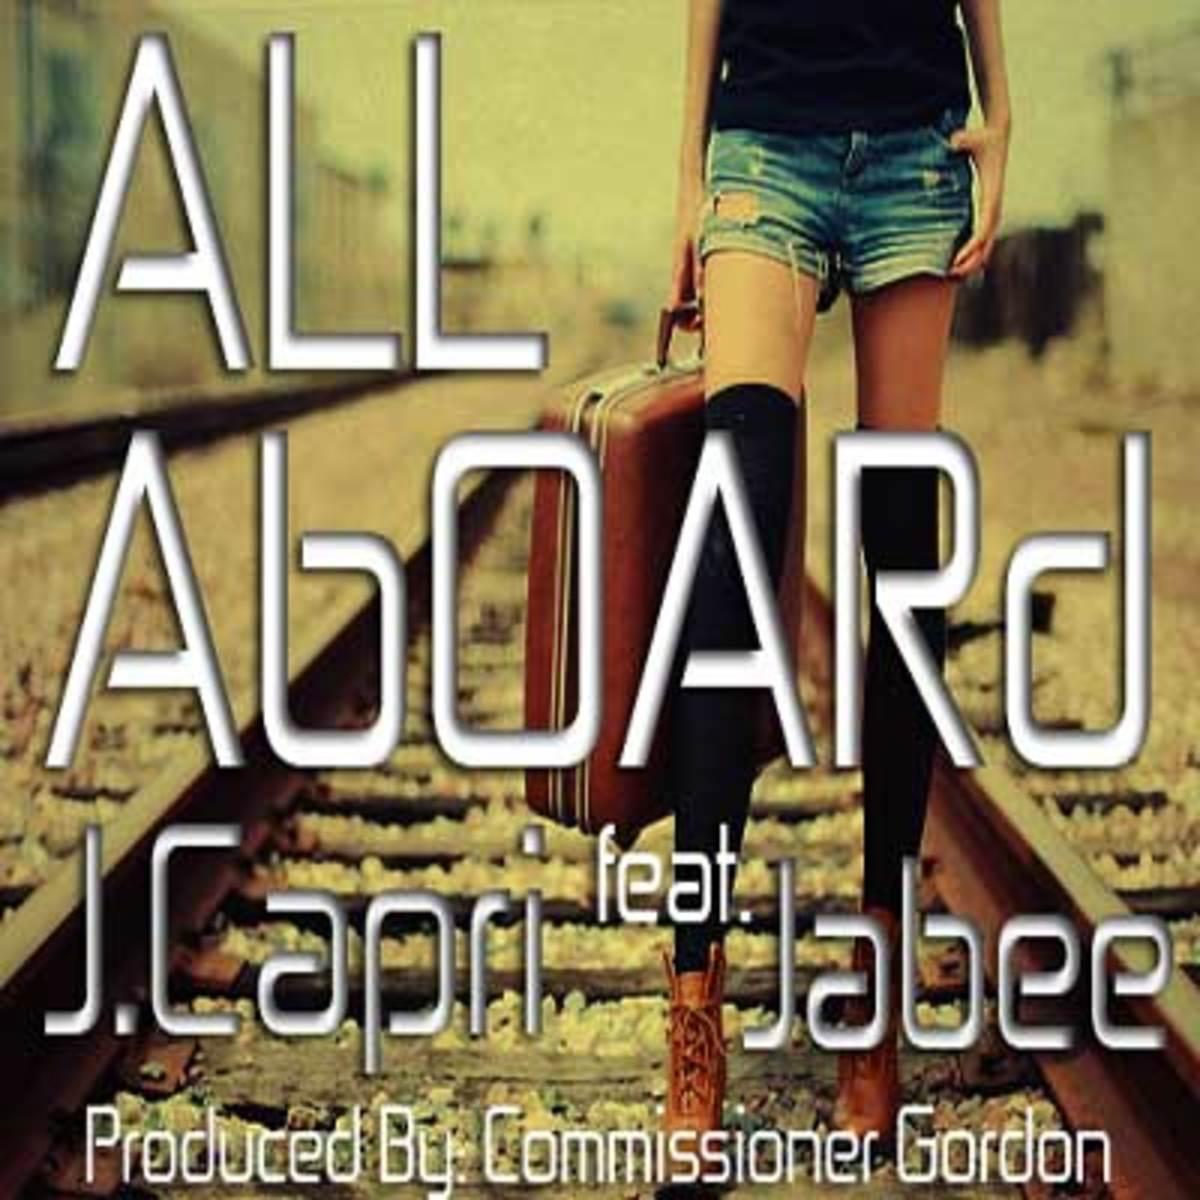 jcapri-allaboard.jpg